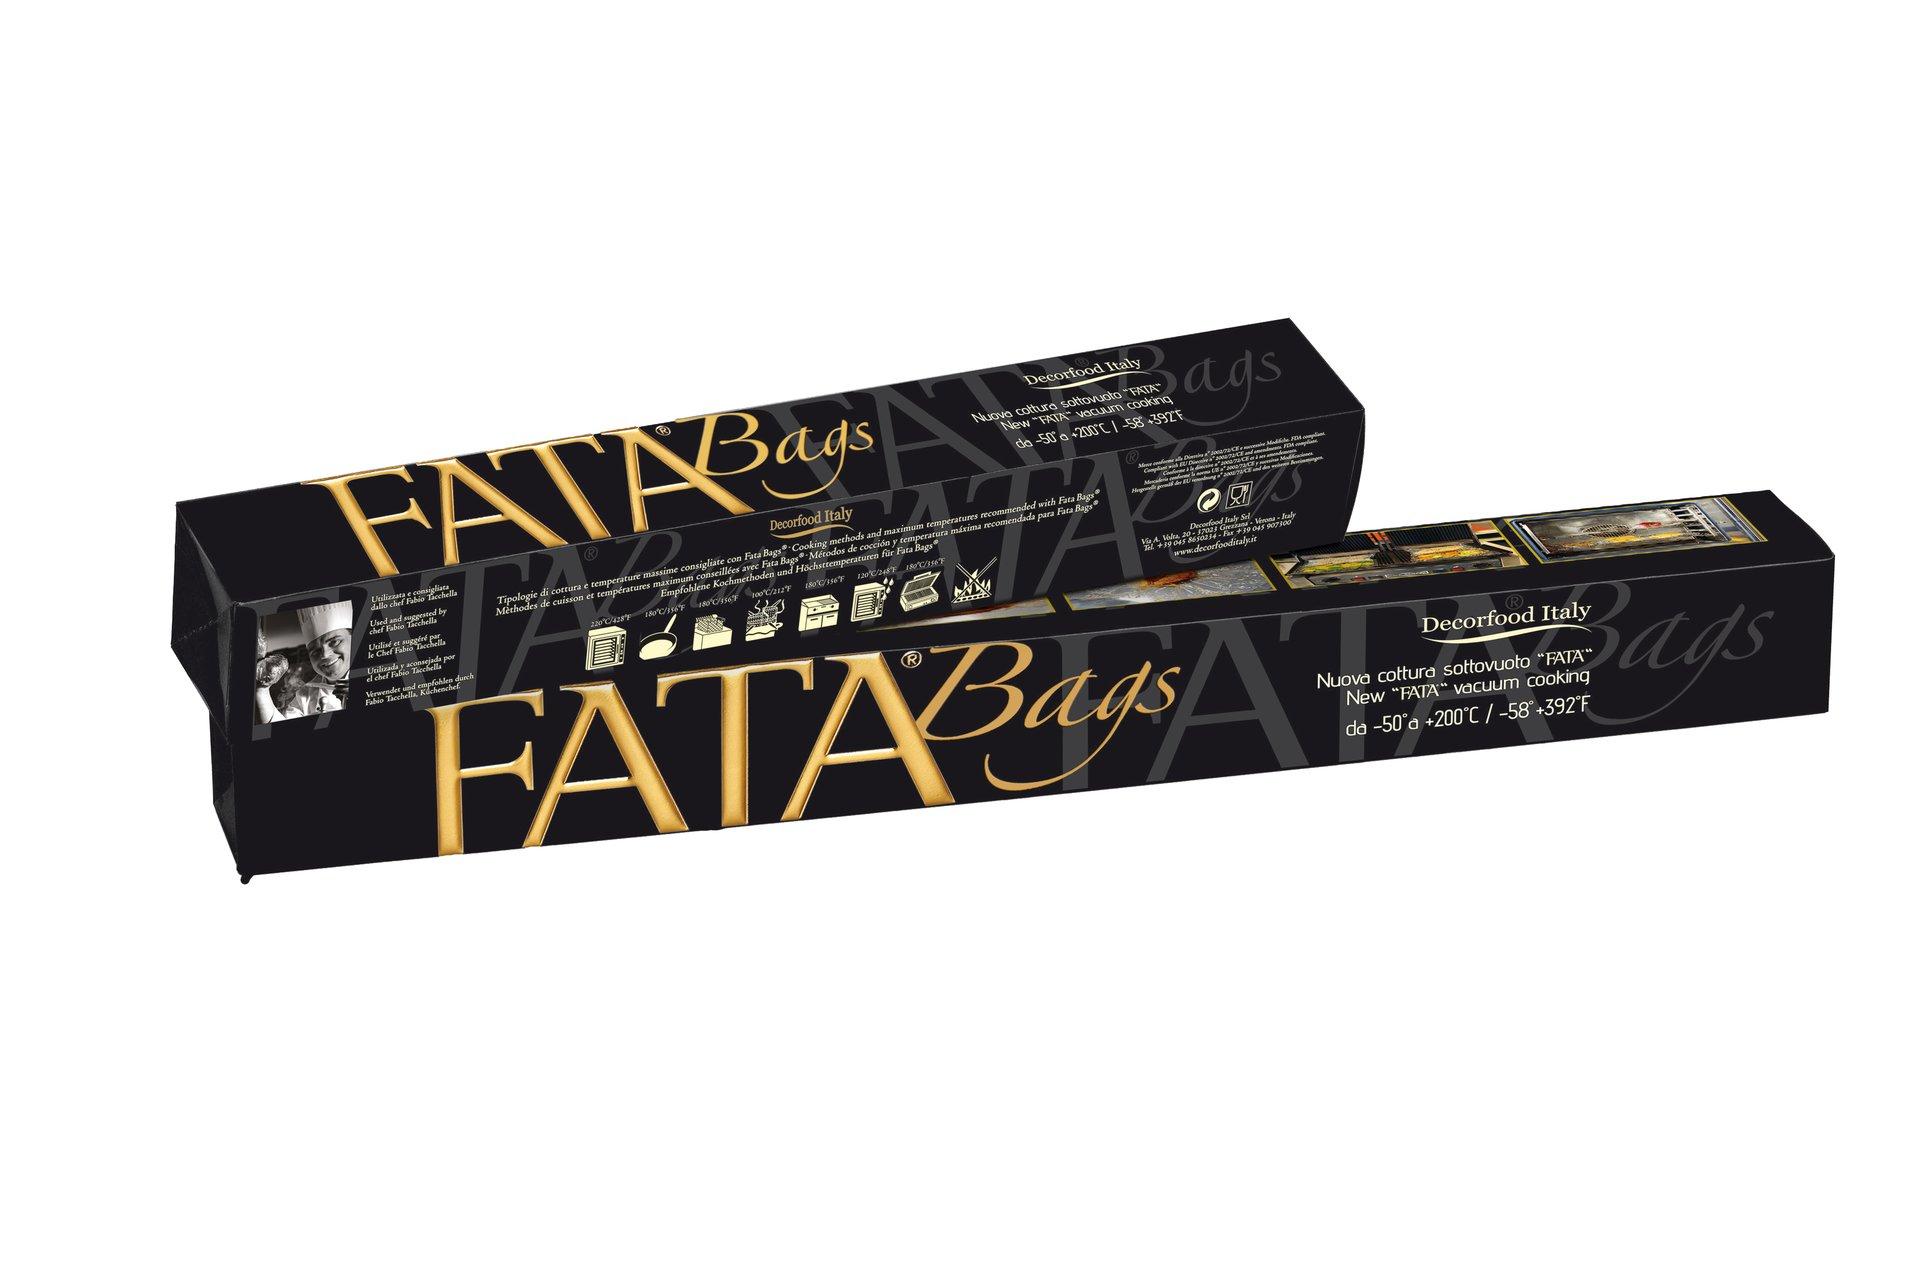 Acquista il prodotto Fata Bags sacchetti per cottura sottovuoto 20x30 cm apertura lato 30